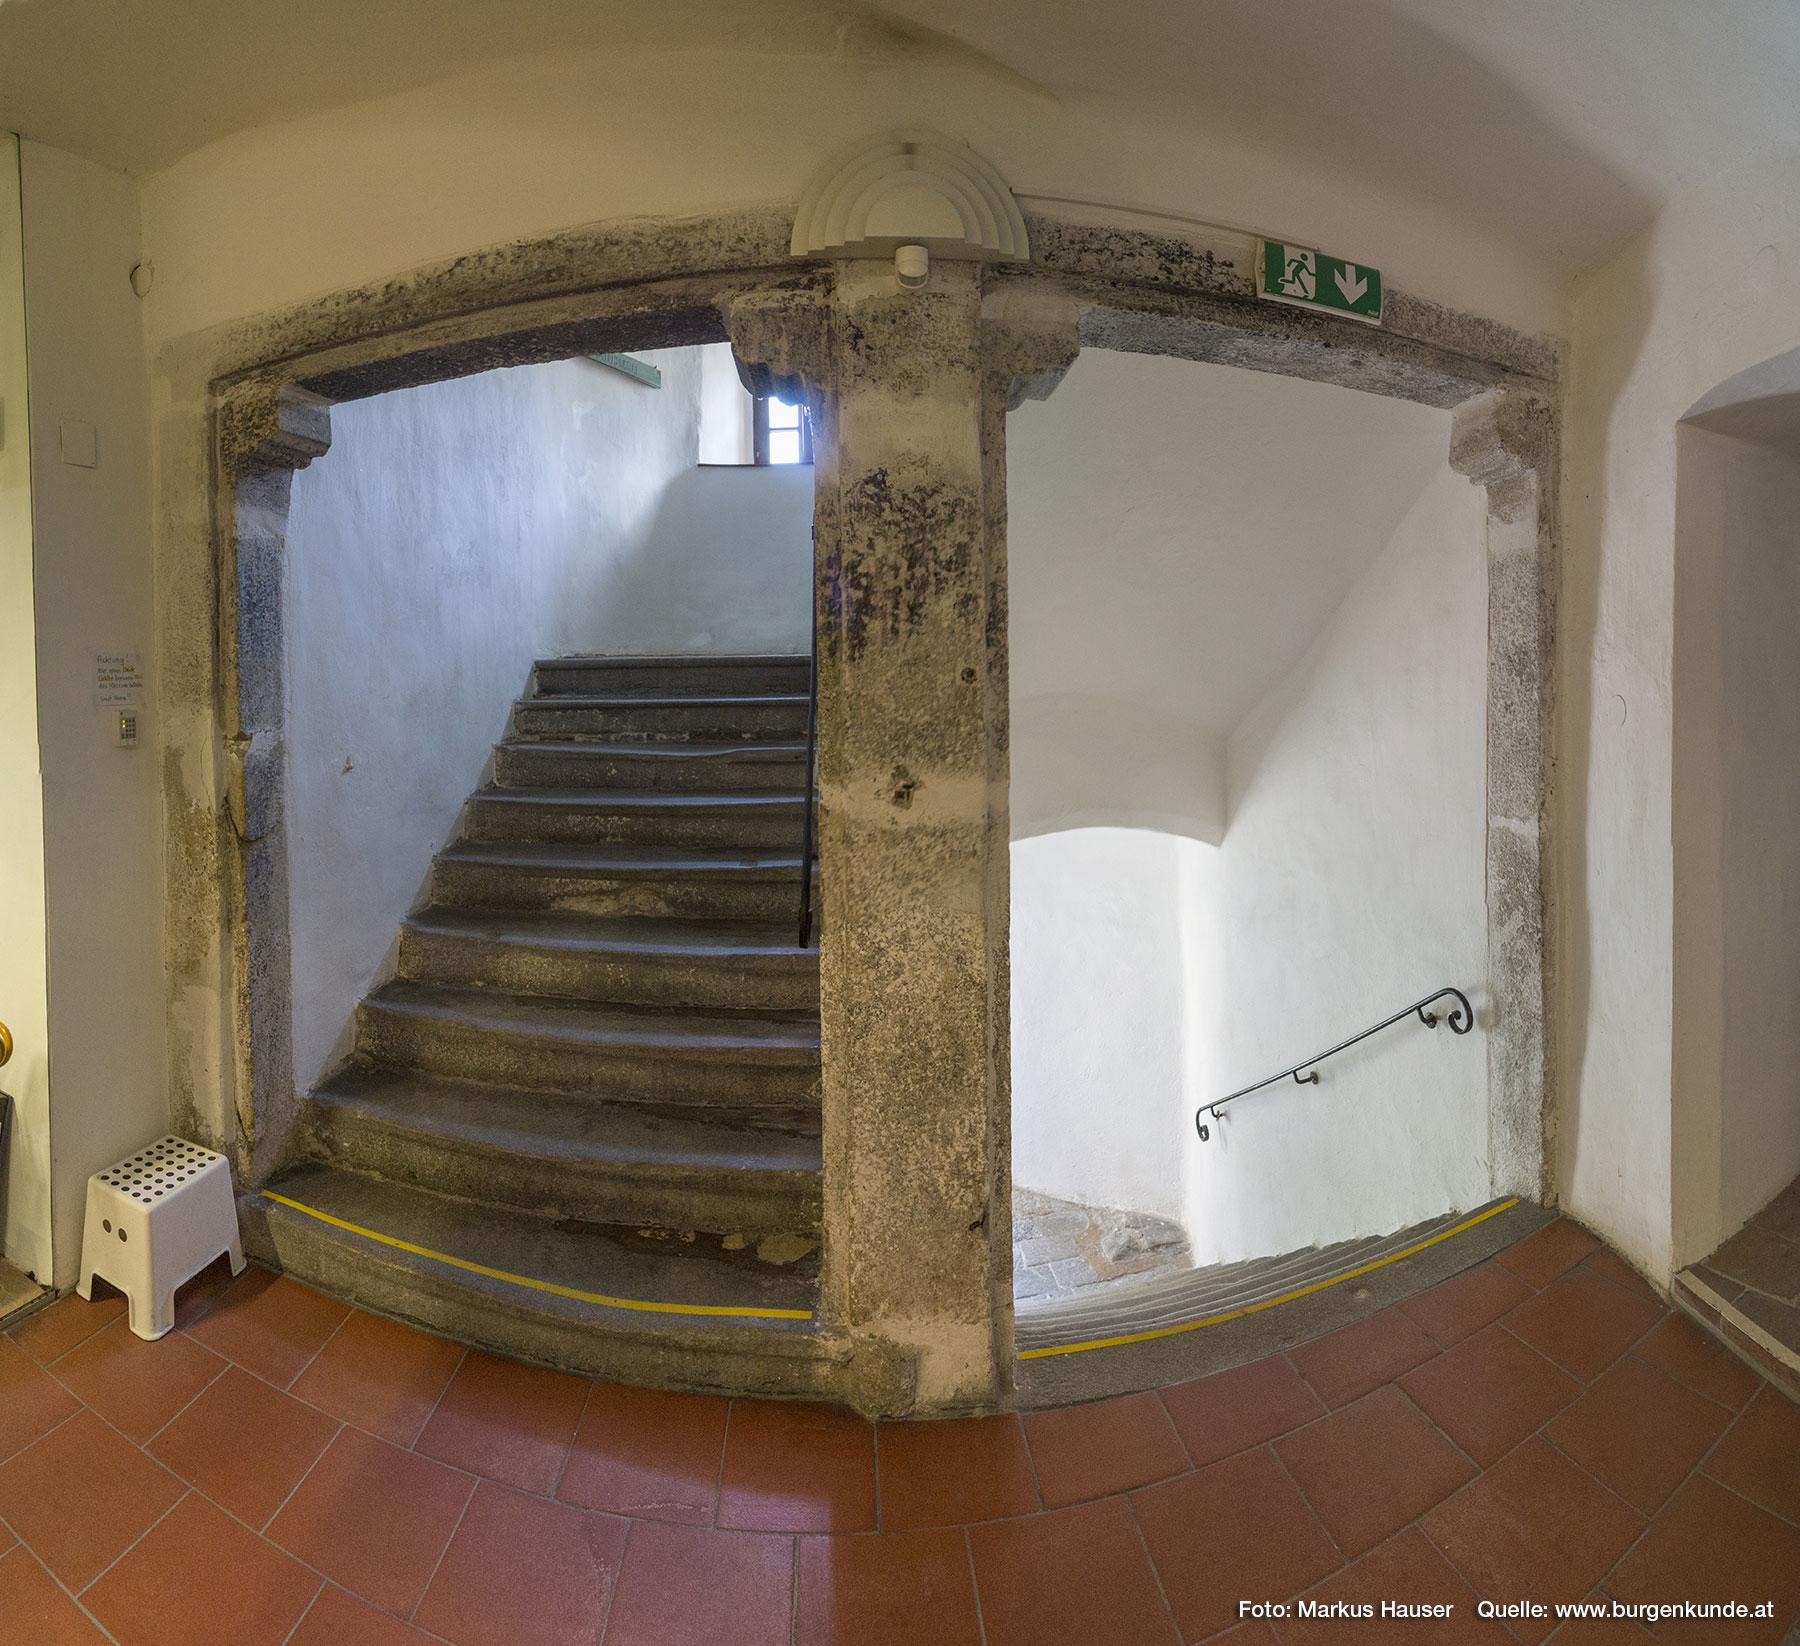 Über den Stiegenaufgang gelangen wir in die oberen Stockwerke.